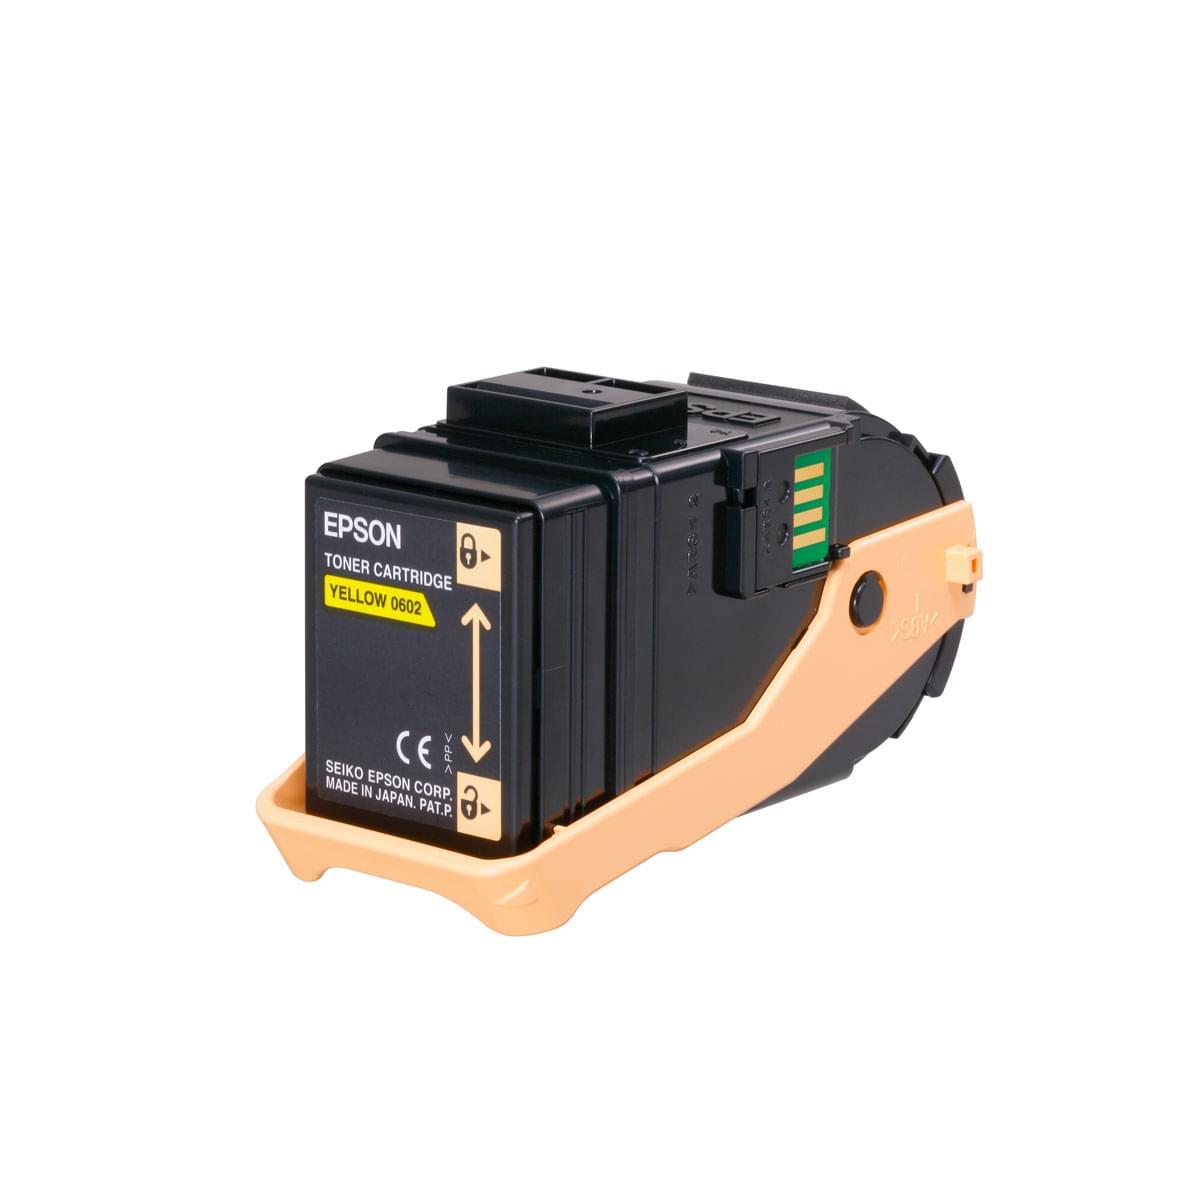 Epson Toner Jaune 7500p (C13S050602) - Achat / Vente Consommable Imprimante sur Cybertek.fr - 0